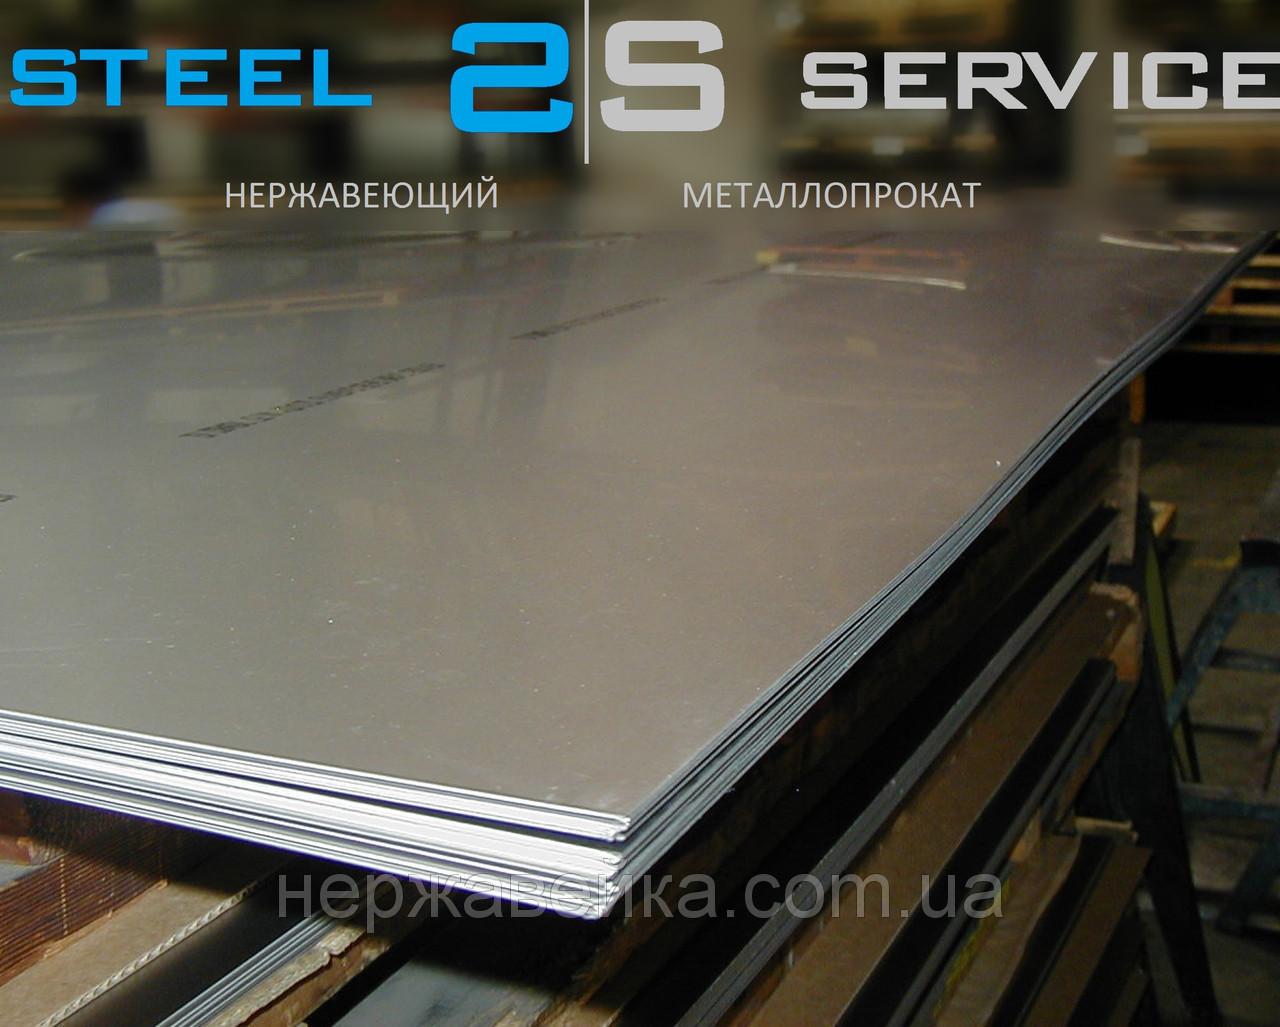 Нержавейка лист 14х1500х3000мм  AISI 309(20Х23Н13, 20Х20Н14С2) F1 - горячекатанный,  жаропрочный